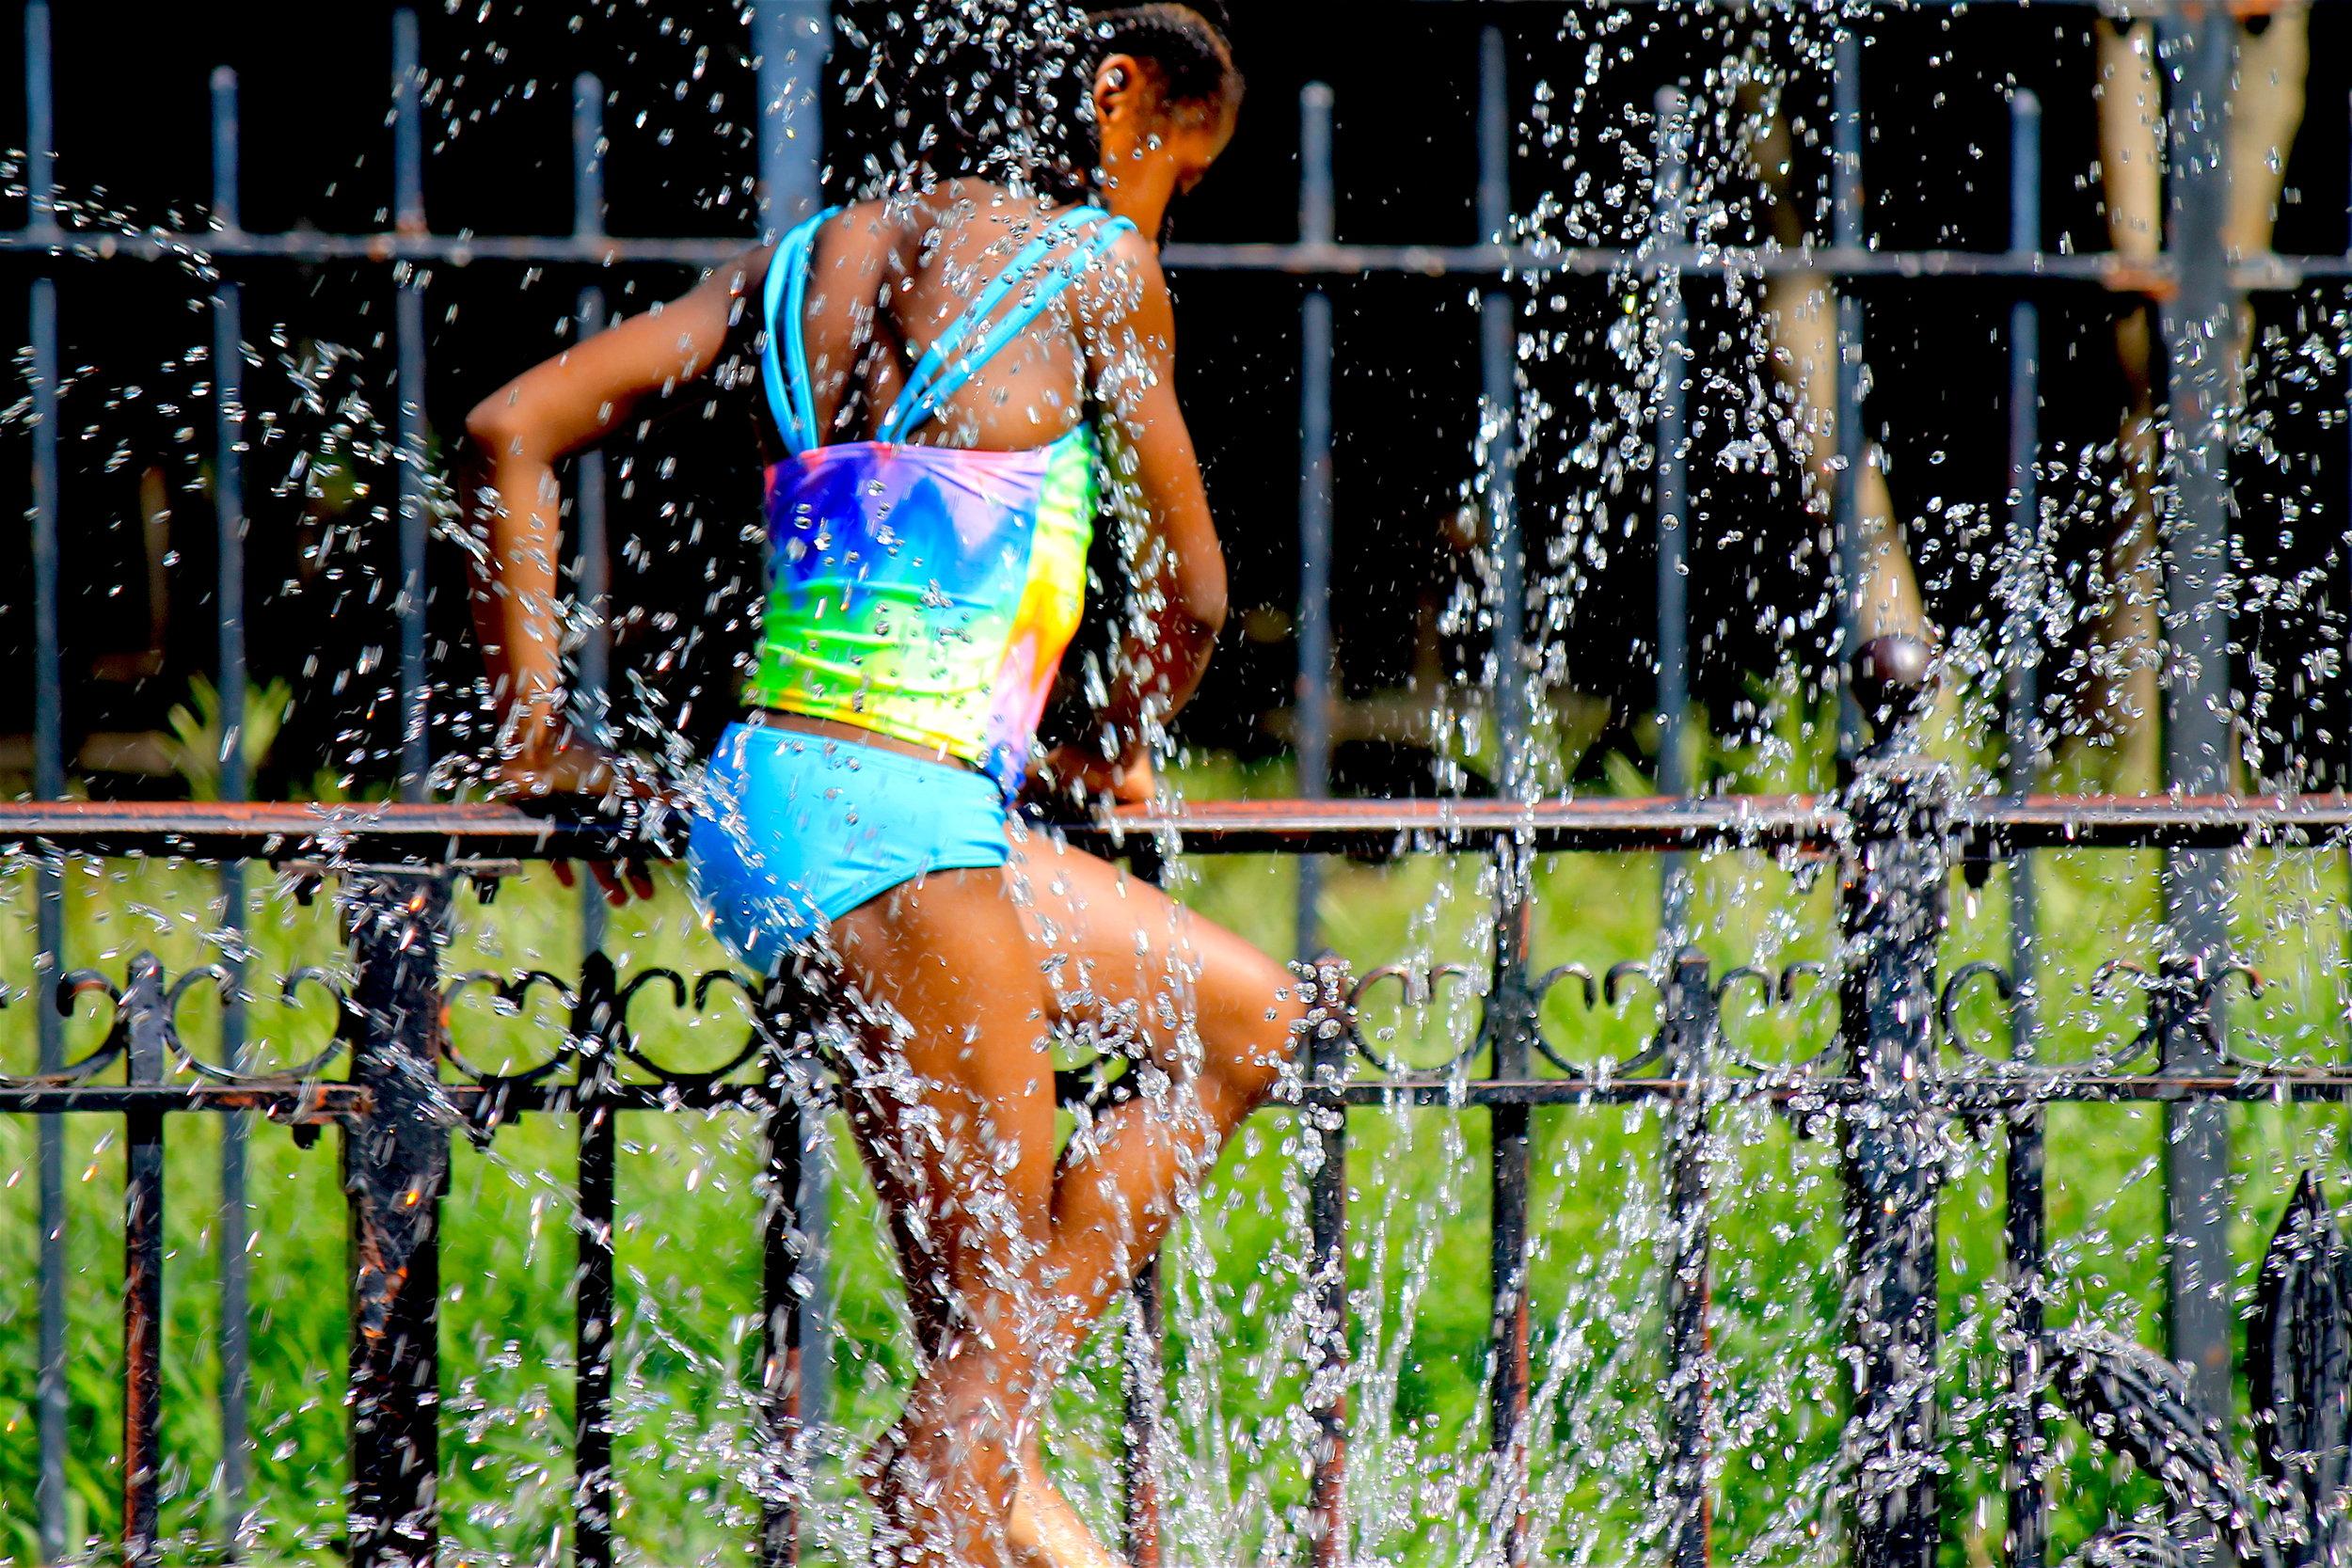 Sprinkler Day Week 7 #7.JPG